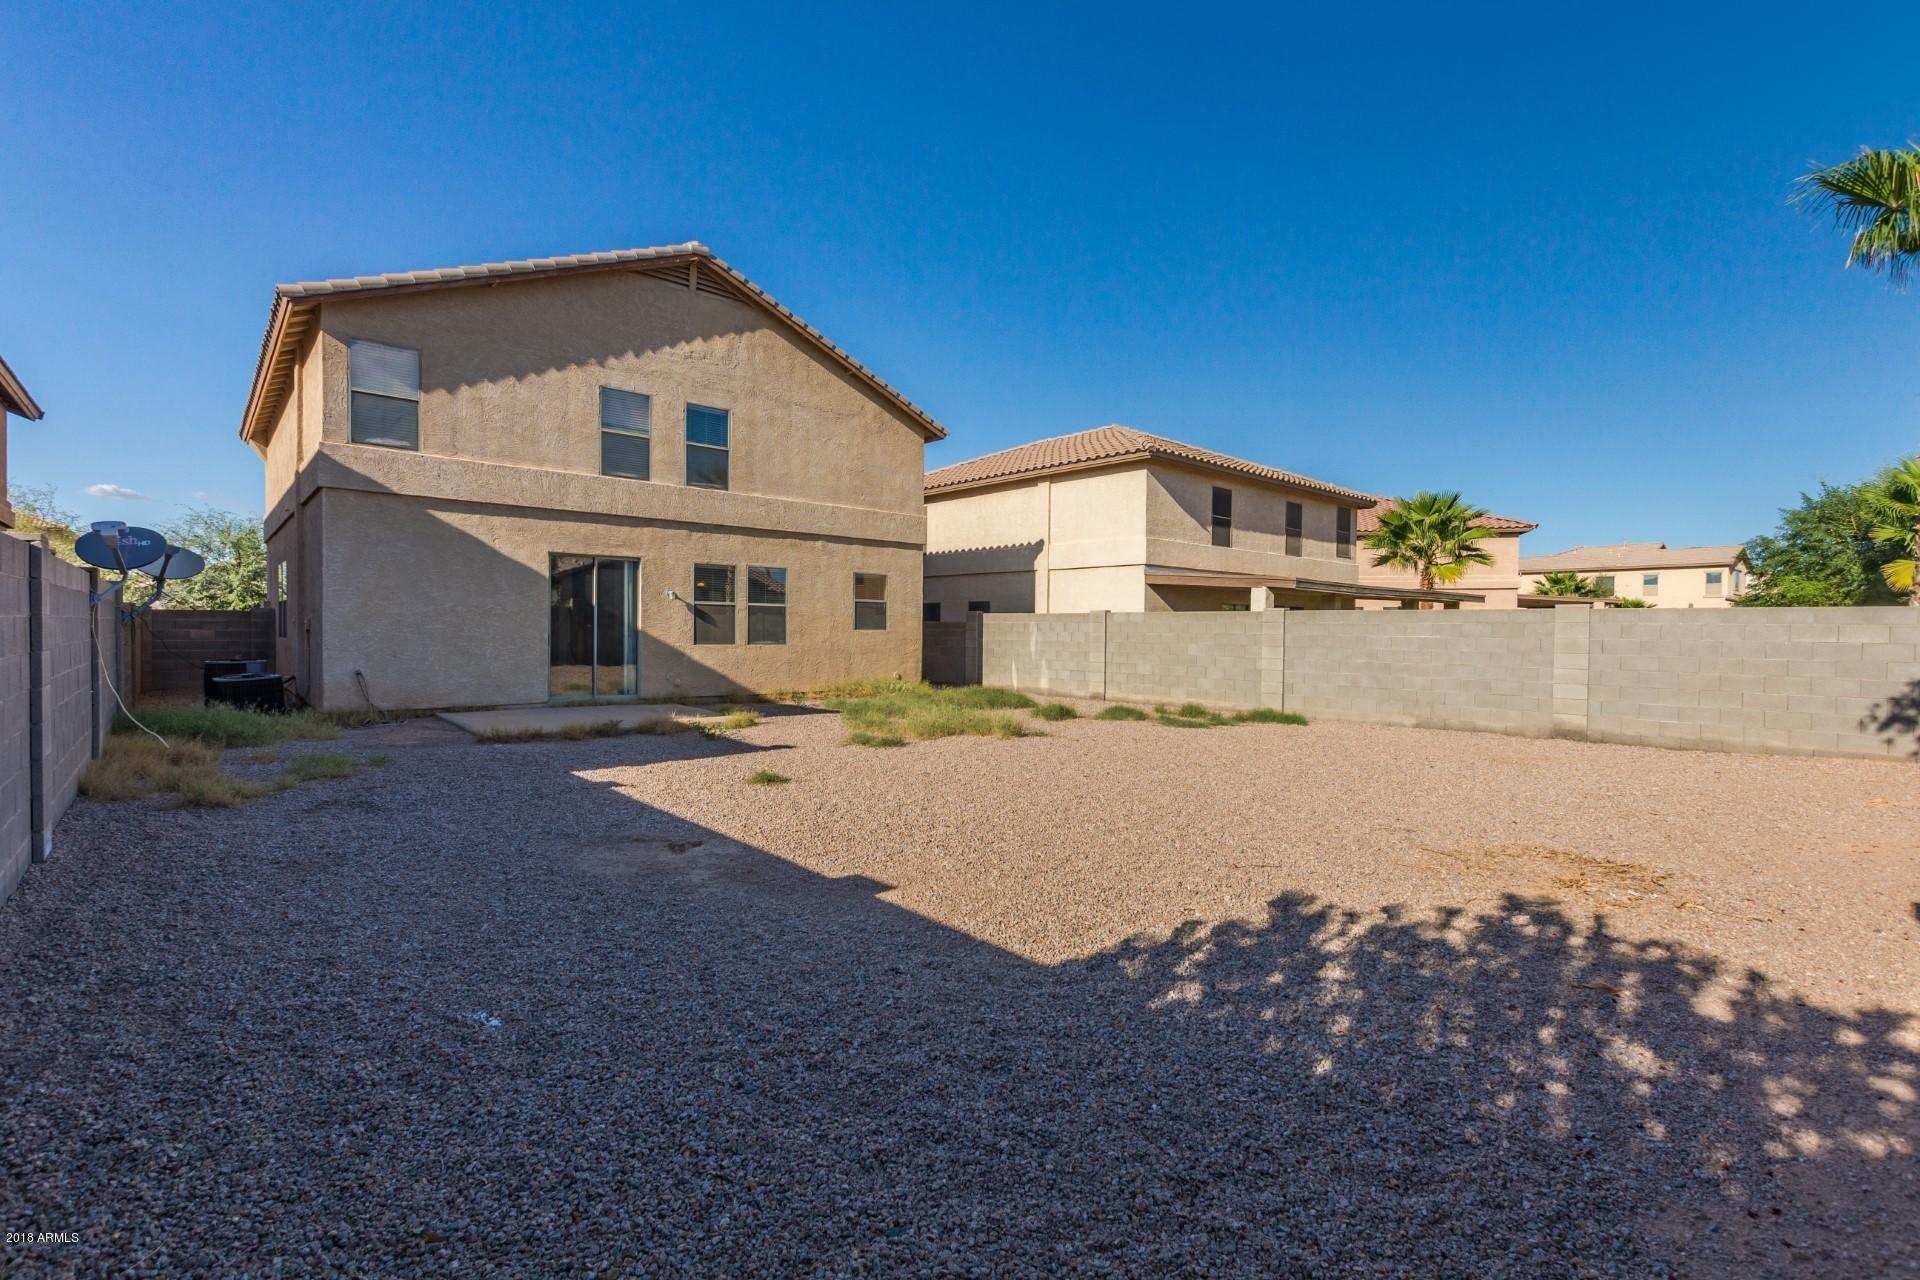 MLS 5814837 45489 W TUCKER Road, Maricopa, AZ 85139 Maricopa AZ Maricopa Meadows